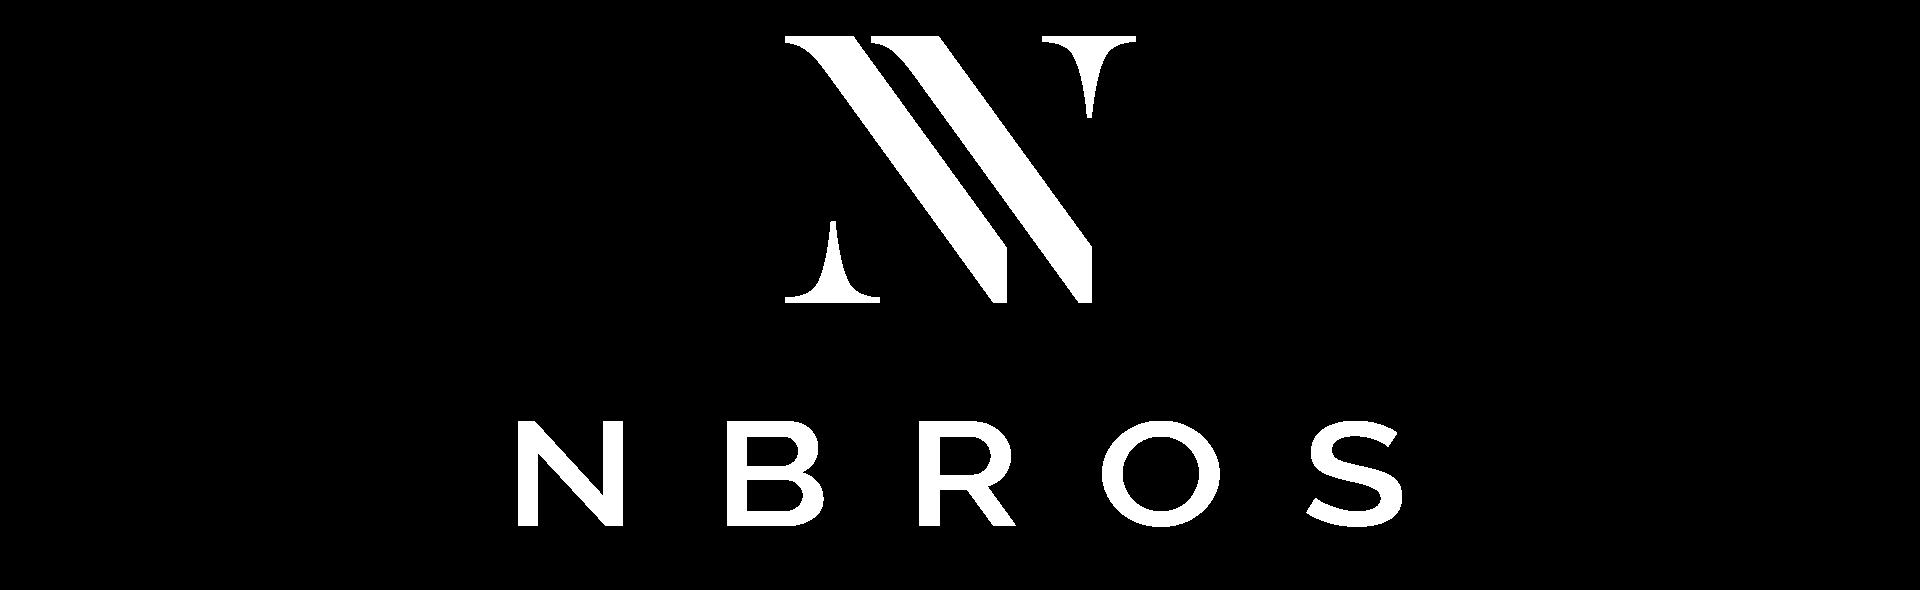 NBROS